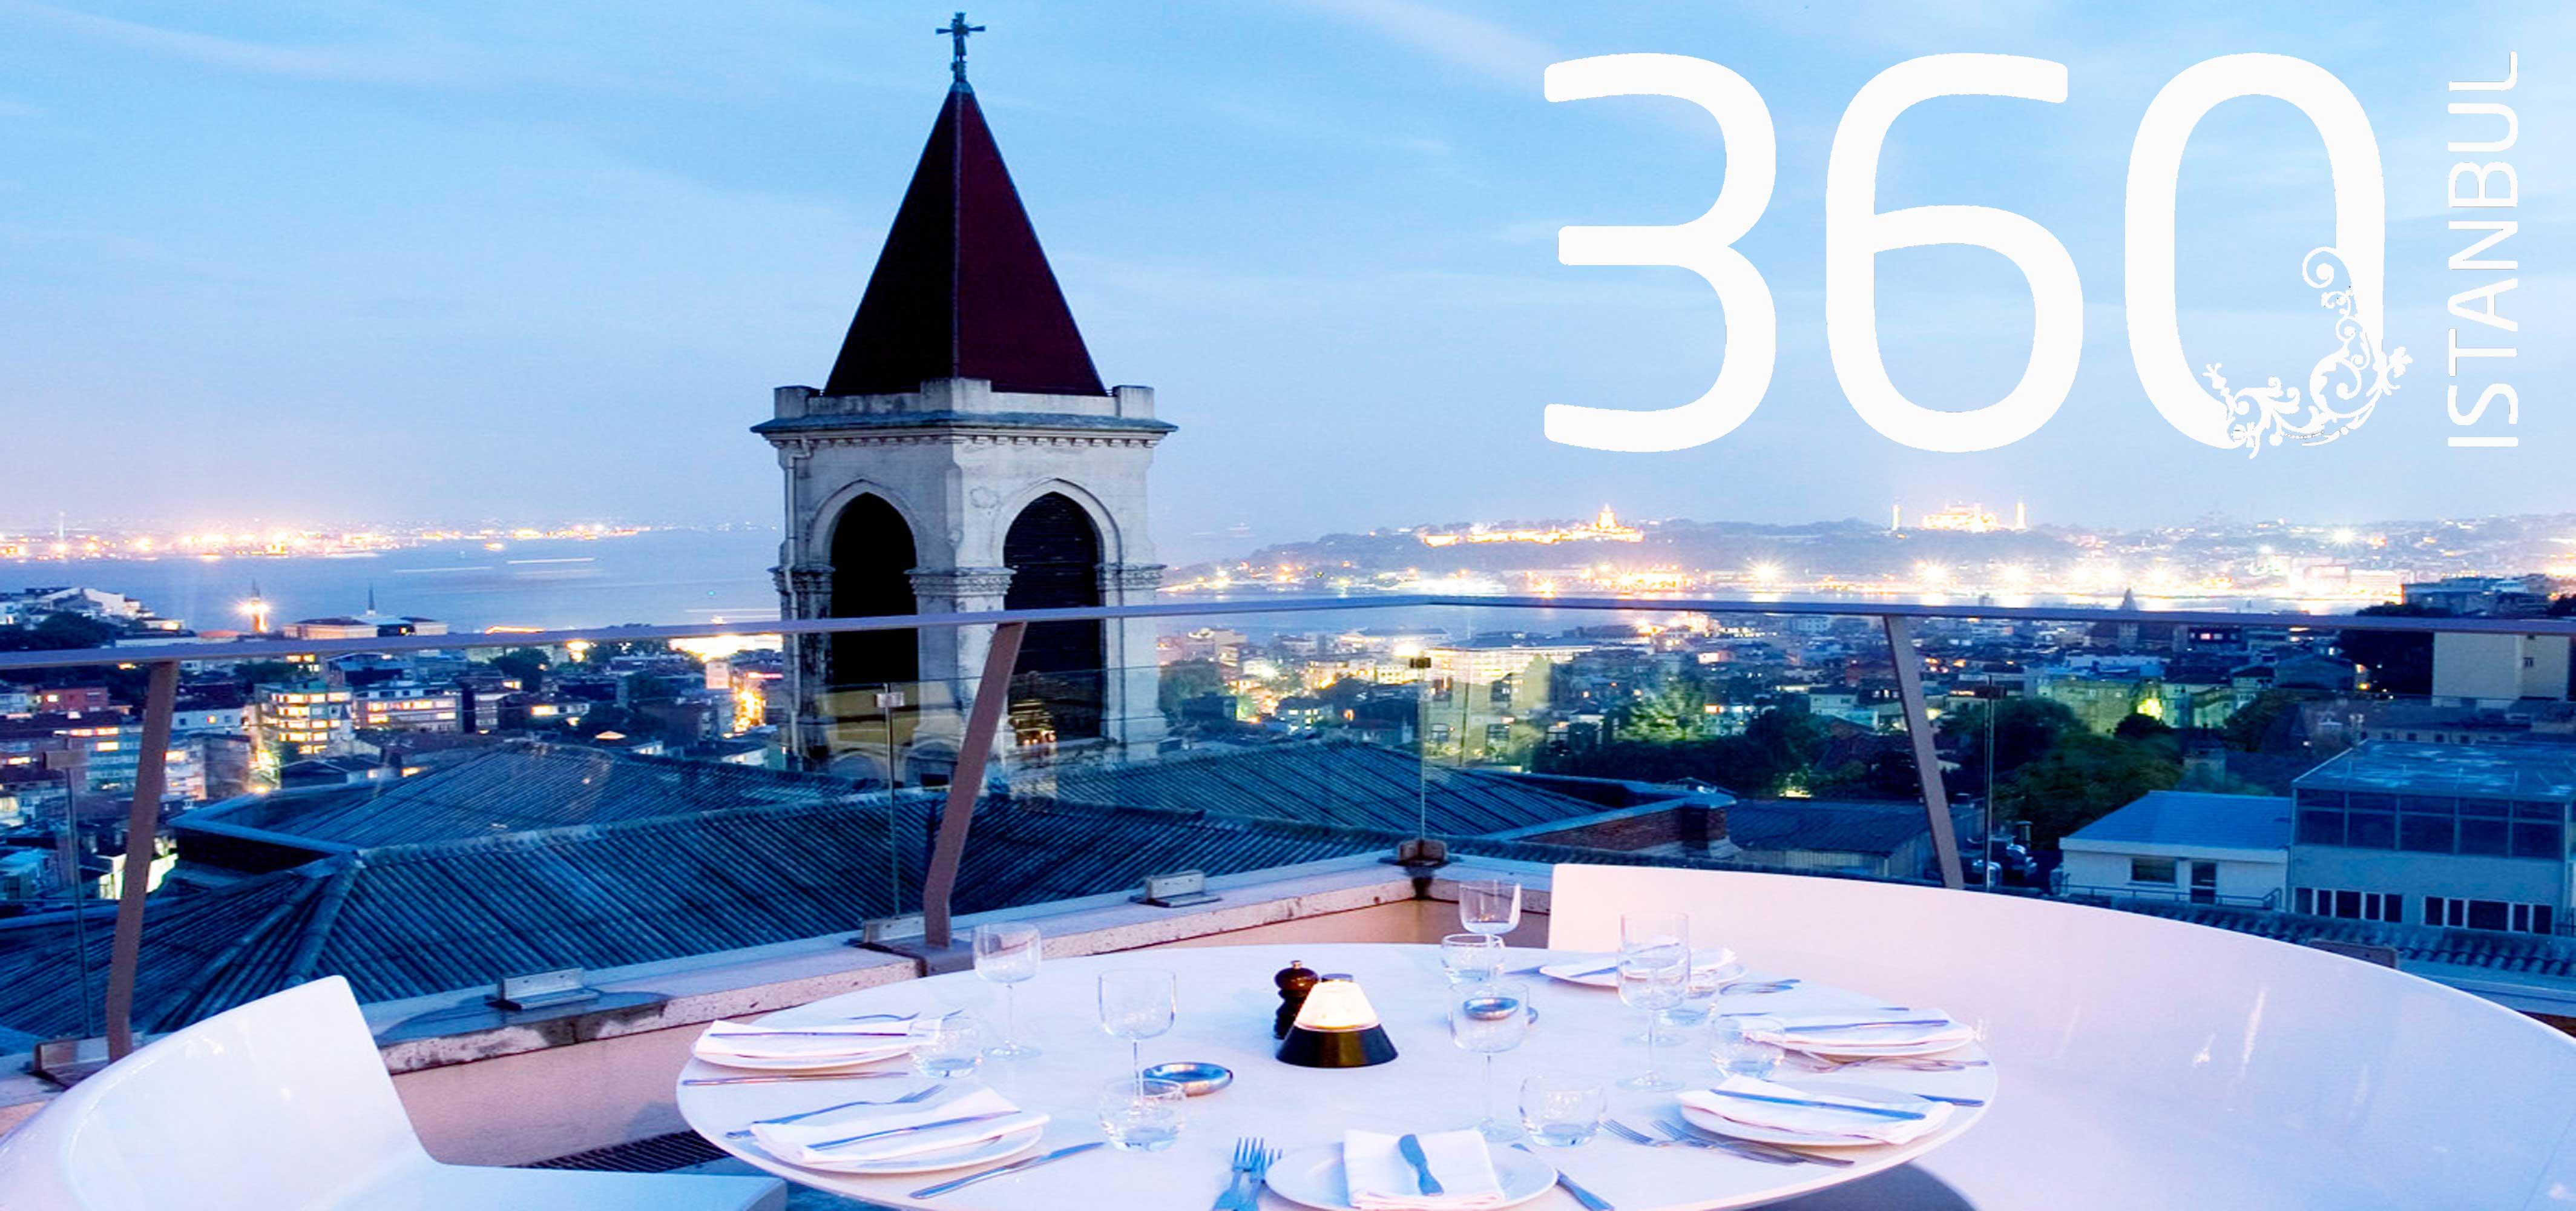 360entertainmentgroup - sevgililer günü mekanları